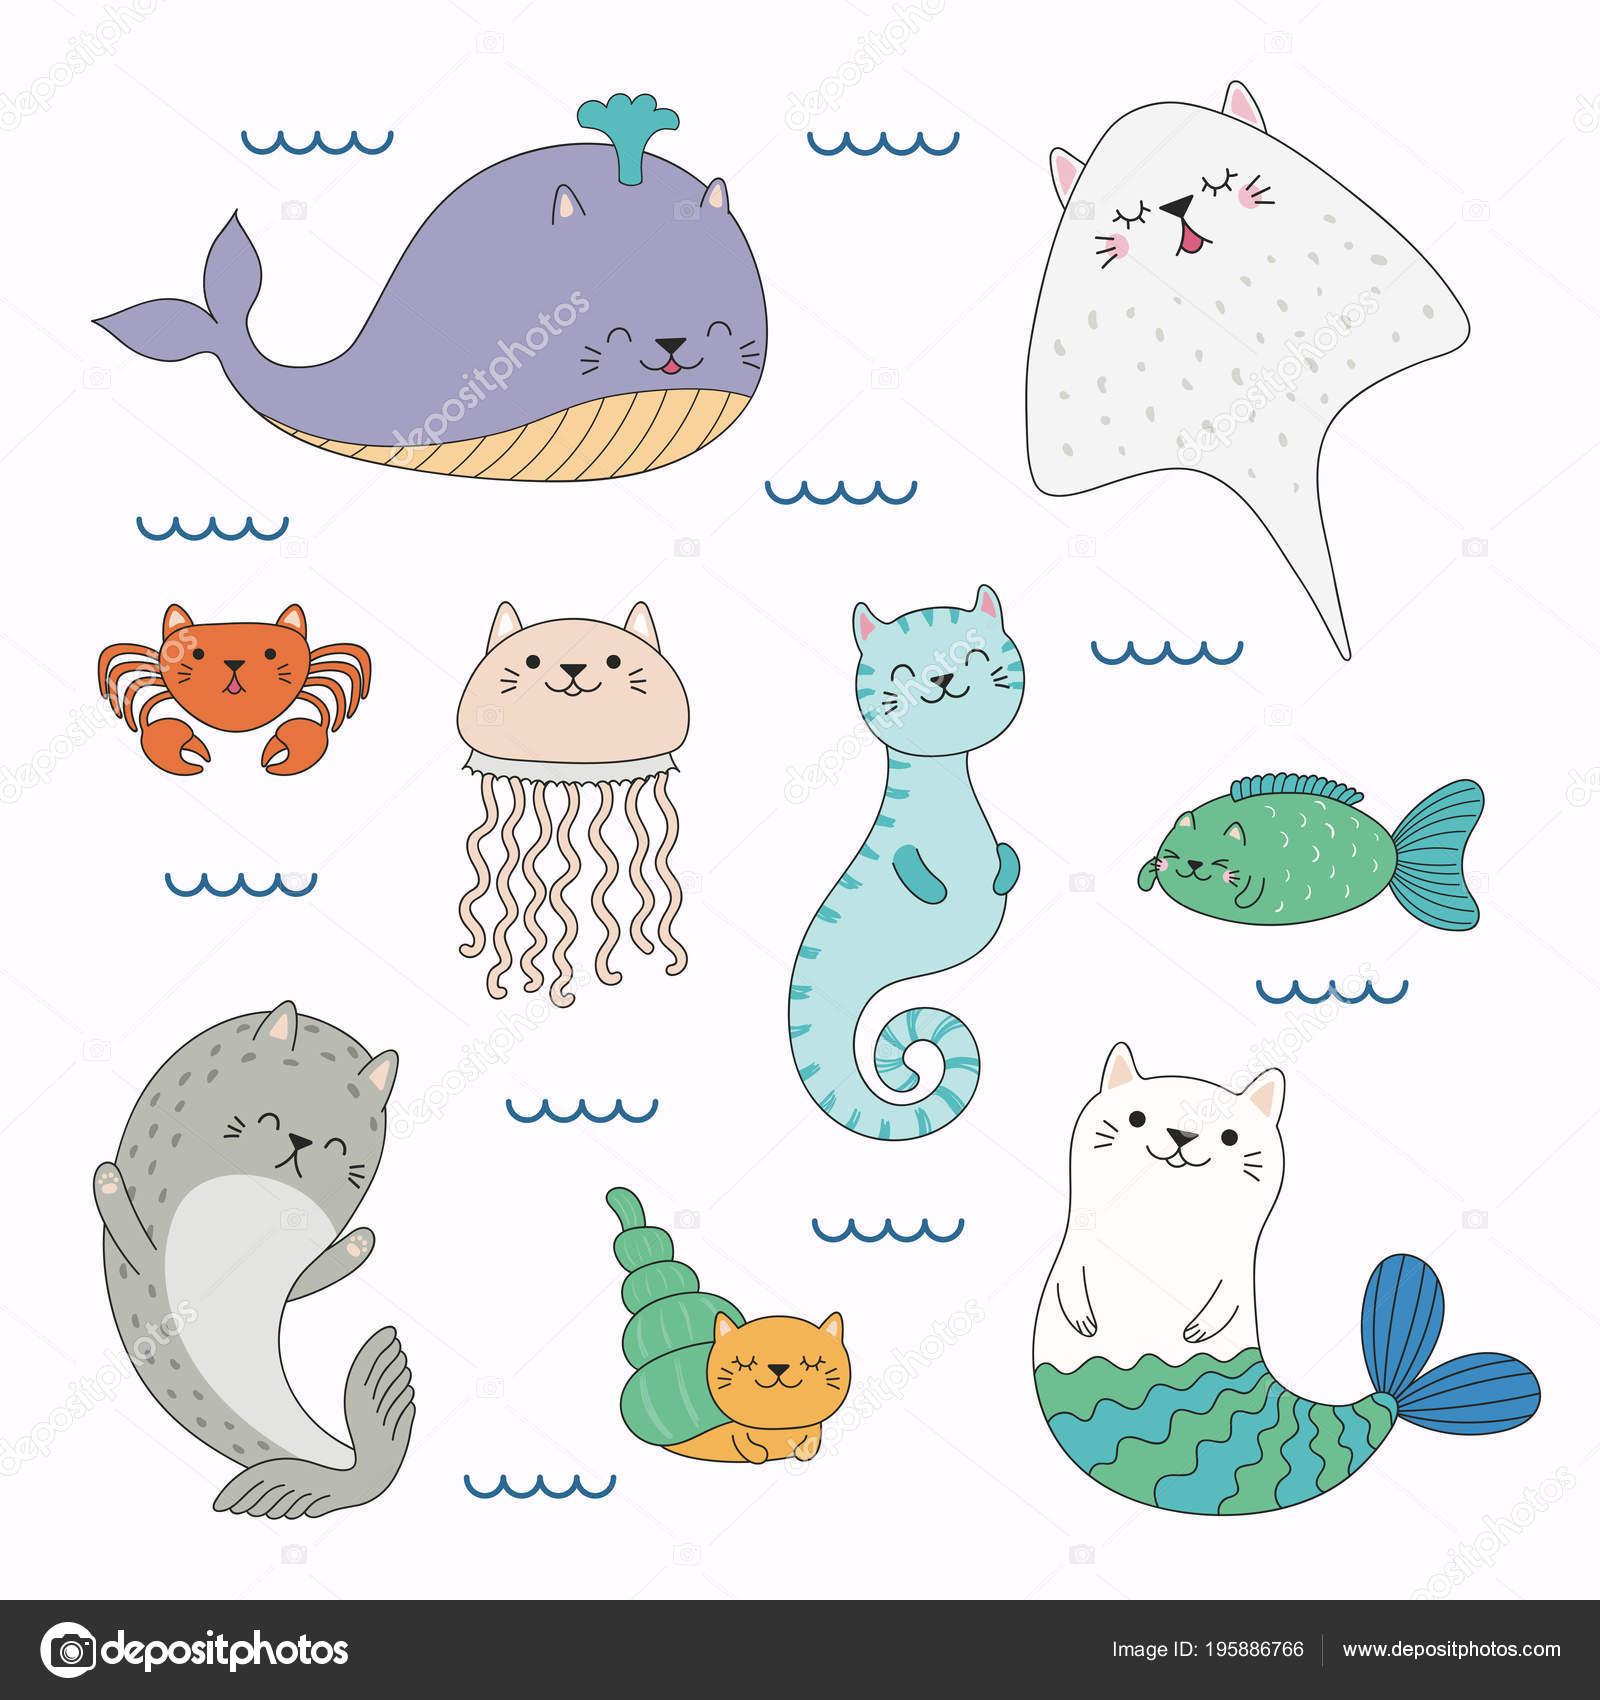 海で泳ぐ猫耳かわいい面白い海の動物の描かれたベクター イラストを手